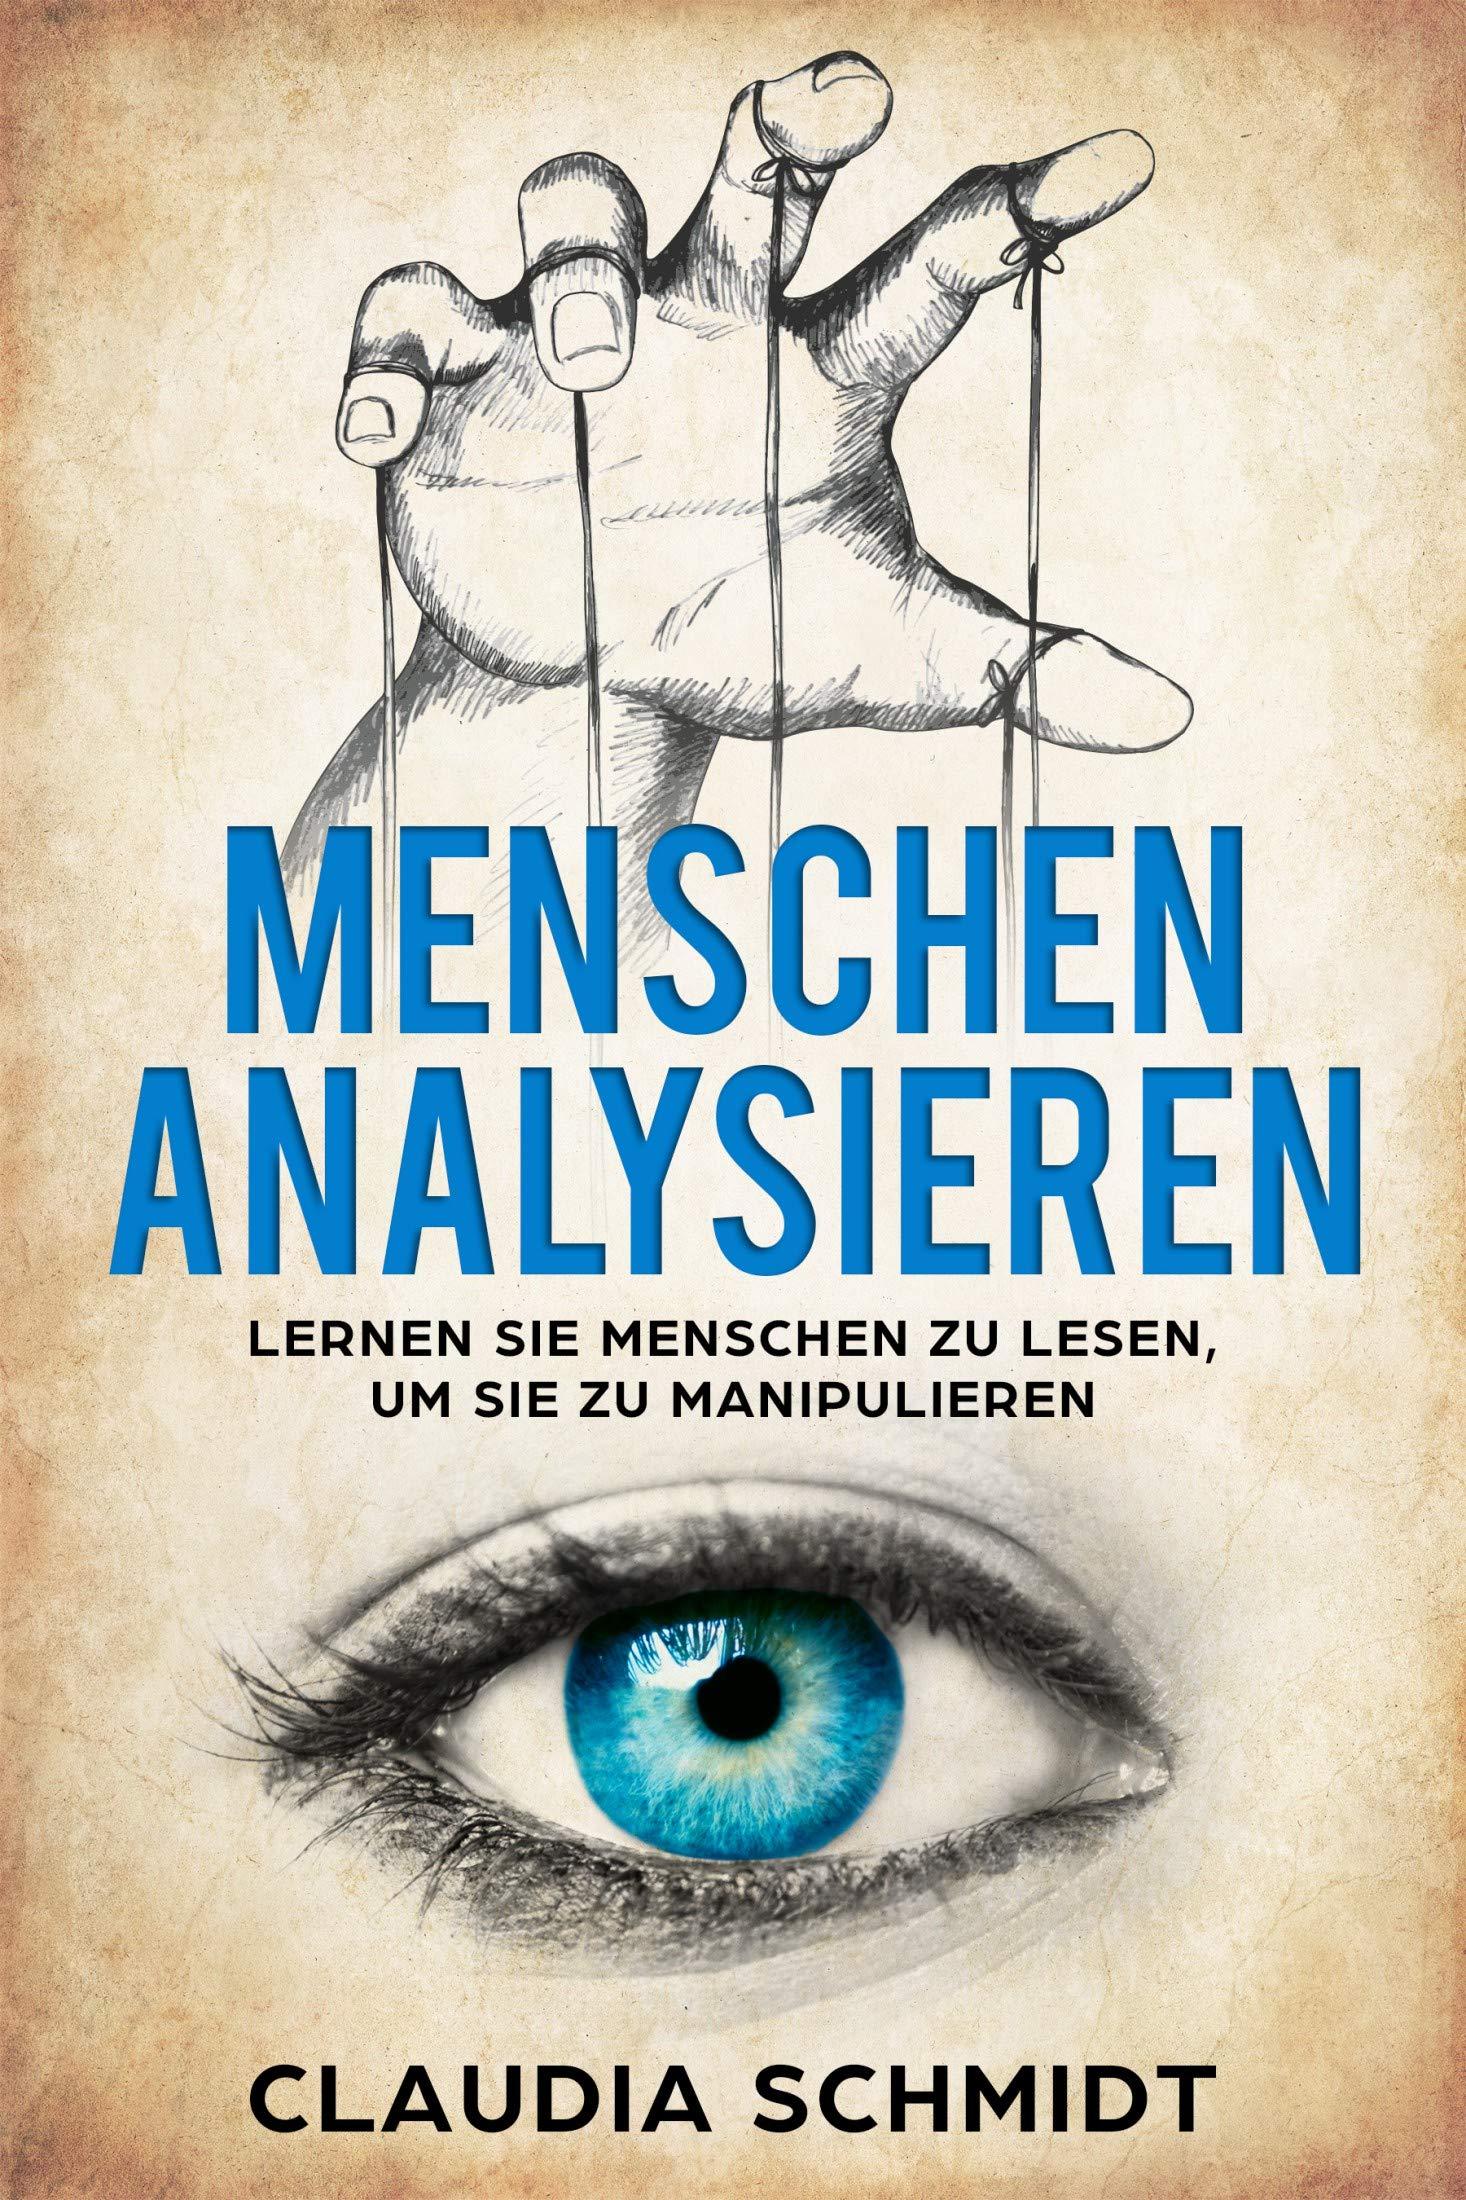 Menschen analysieren: Lernen Sie Menschen zu lesen, um sie zu manipulieren (German Edition)